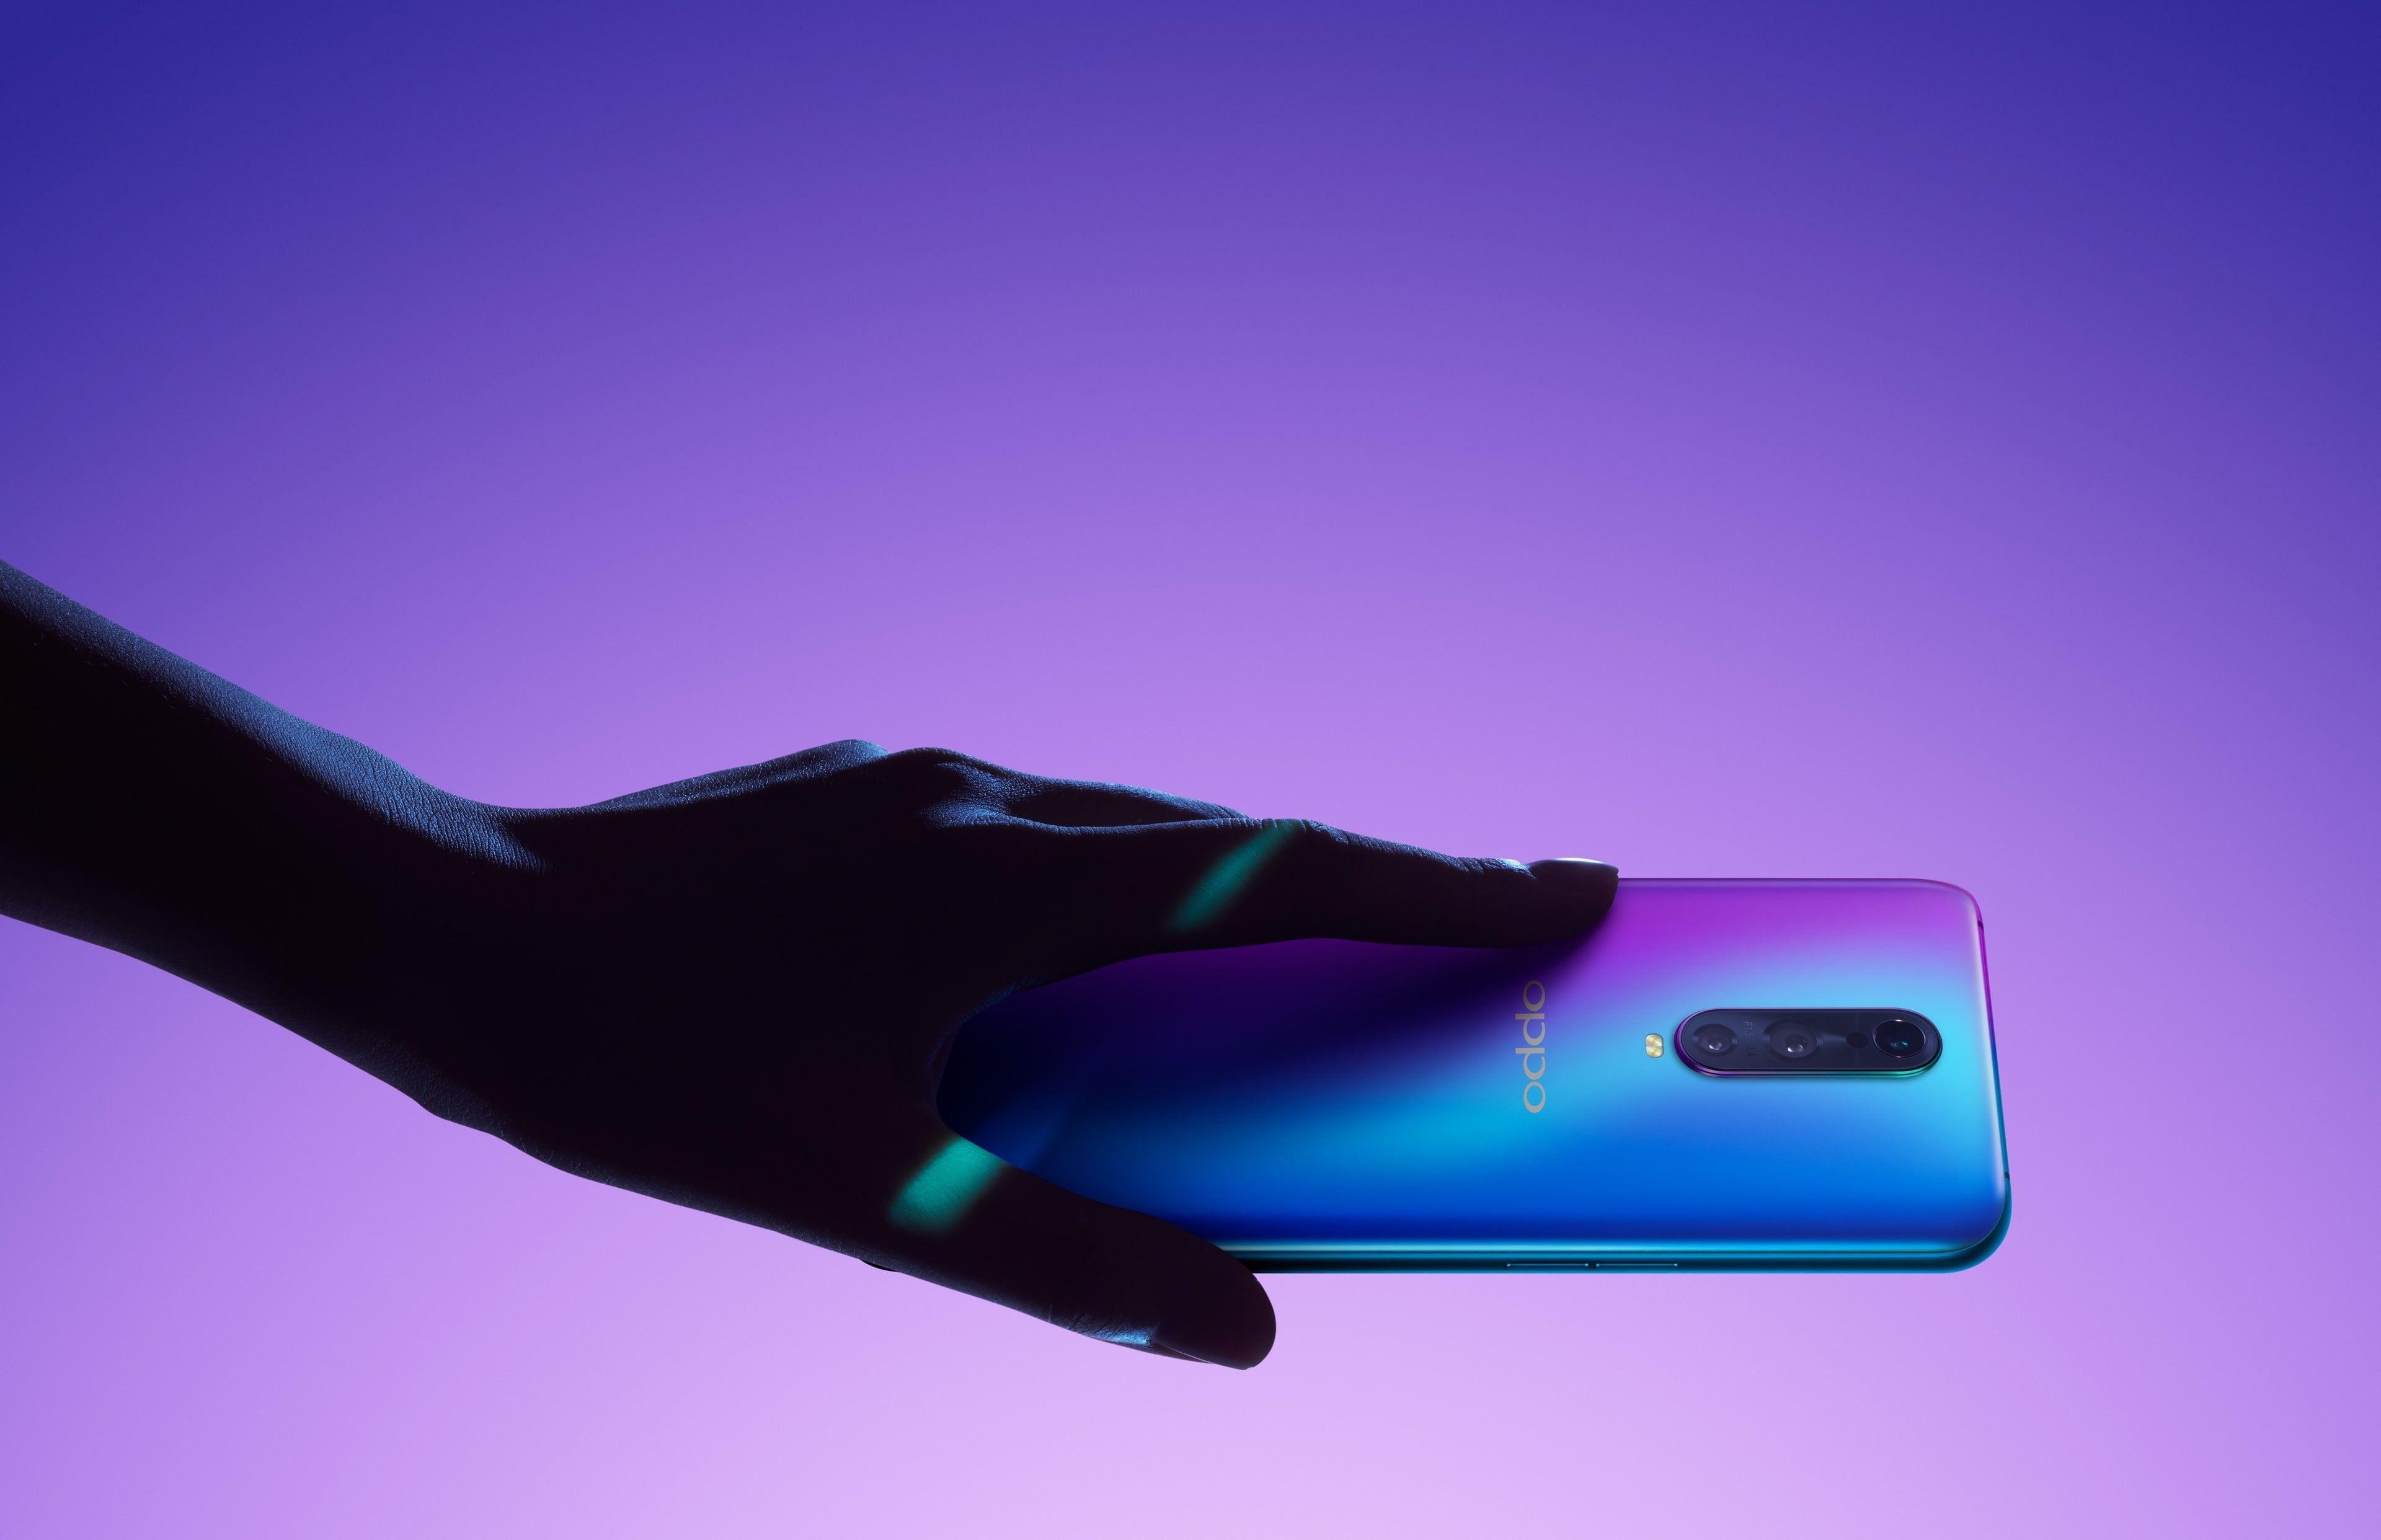 الإعلان رسميا عن الهاتف Oppo R17 Pro مع كاميرا خلفية ثلاثية ومستشعر للبصمة في الشاشة Finger Print Scanner Product Launch Scanner